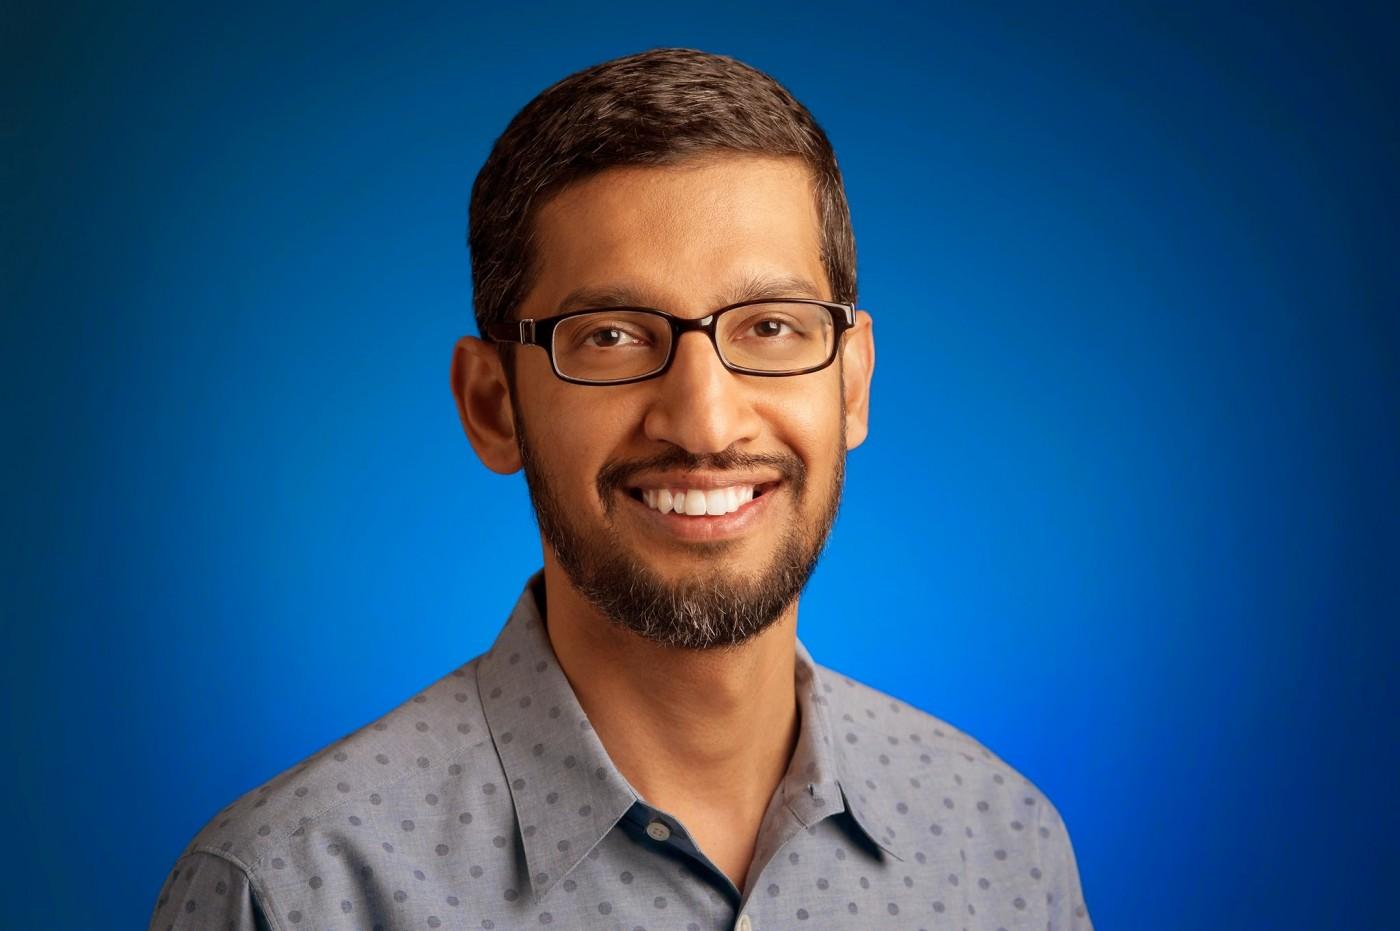 掌舵兩年股價大漲50%,Google執行長皮采將加入母公司Alphabet董事會